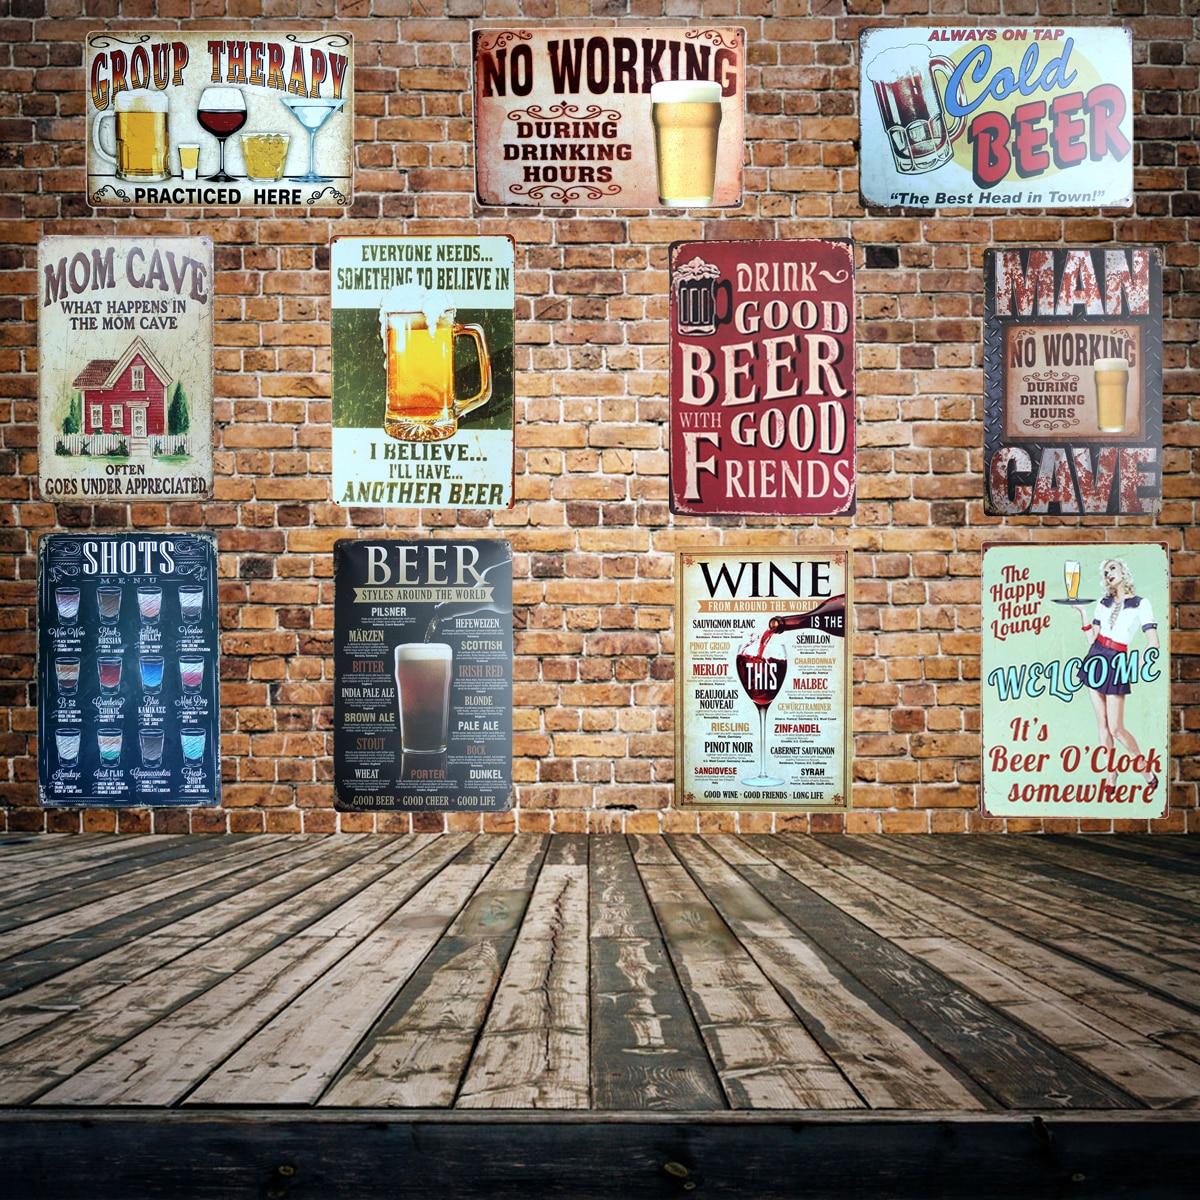 [Mike86] cerveja Pratice Aqui Pintura Placa De Metal PUB Casa Decoração Do Hotel Do Vintage Cartaz Da Parede Da Arte de 20*30 CENTÍMETROS Itens Mix AA-455